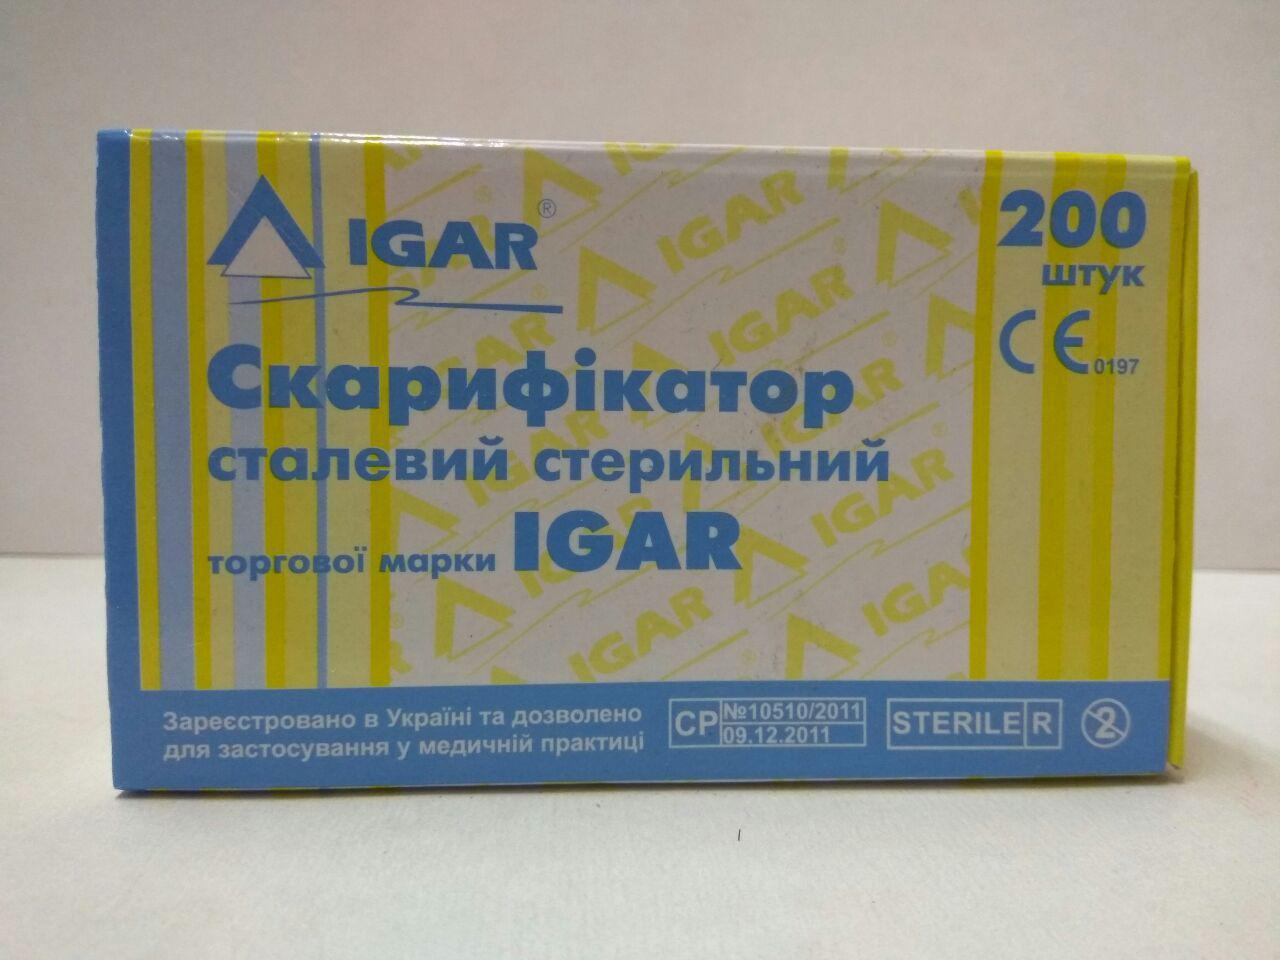 """Ланцет (скарификатор) стальной стерильный """"IGAR"""" (200 шт./уп.)"""